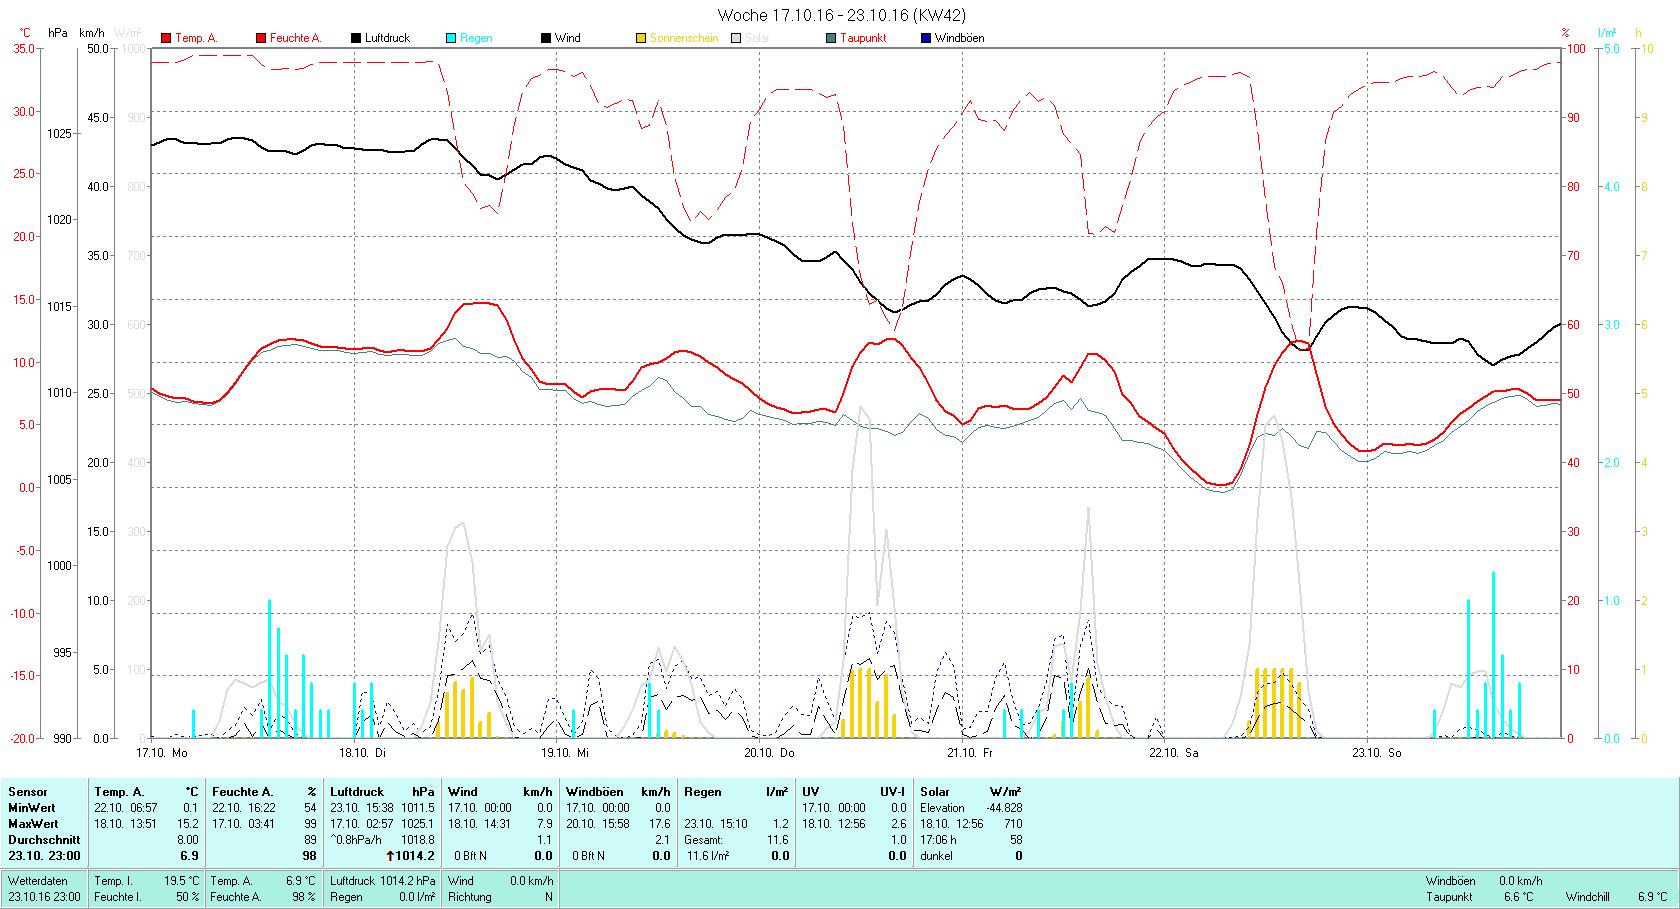 KW 42 Tmin 0.1°C, Tmax 15.2°C, Sonne 17:06h, Niederschlag 11.6mm/2